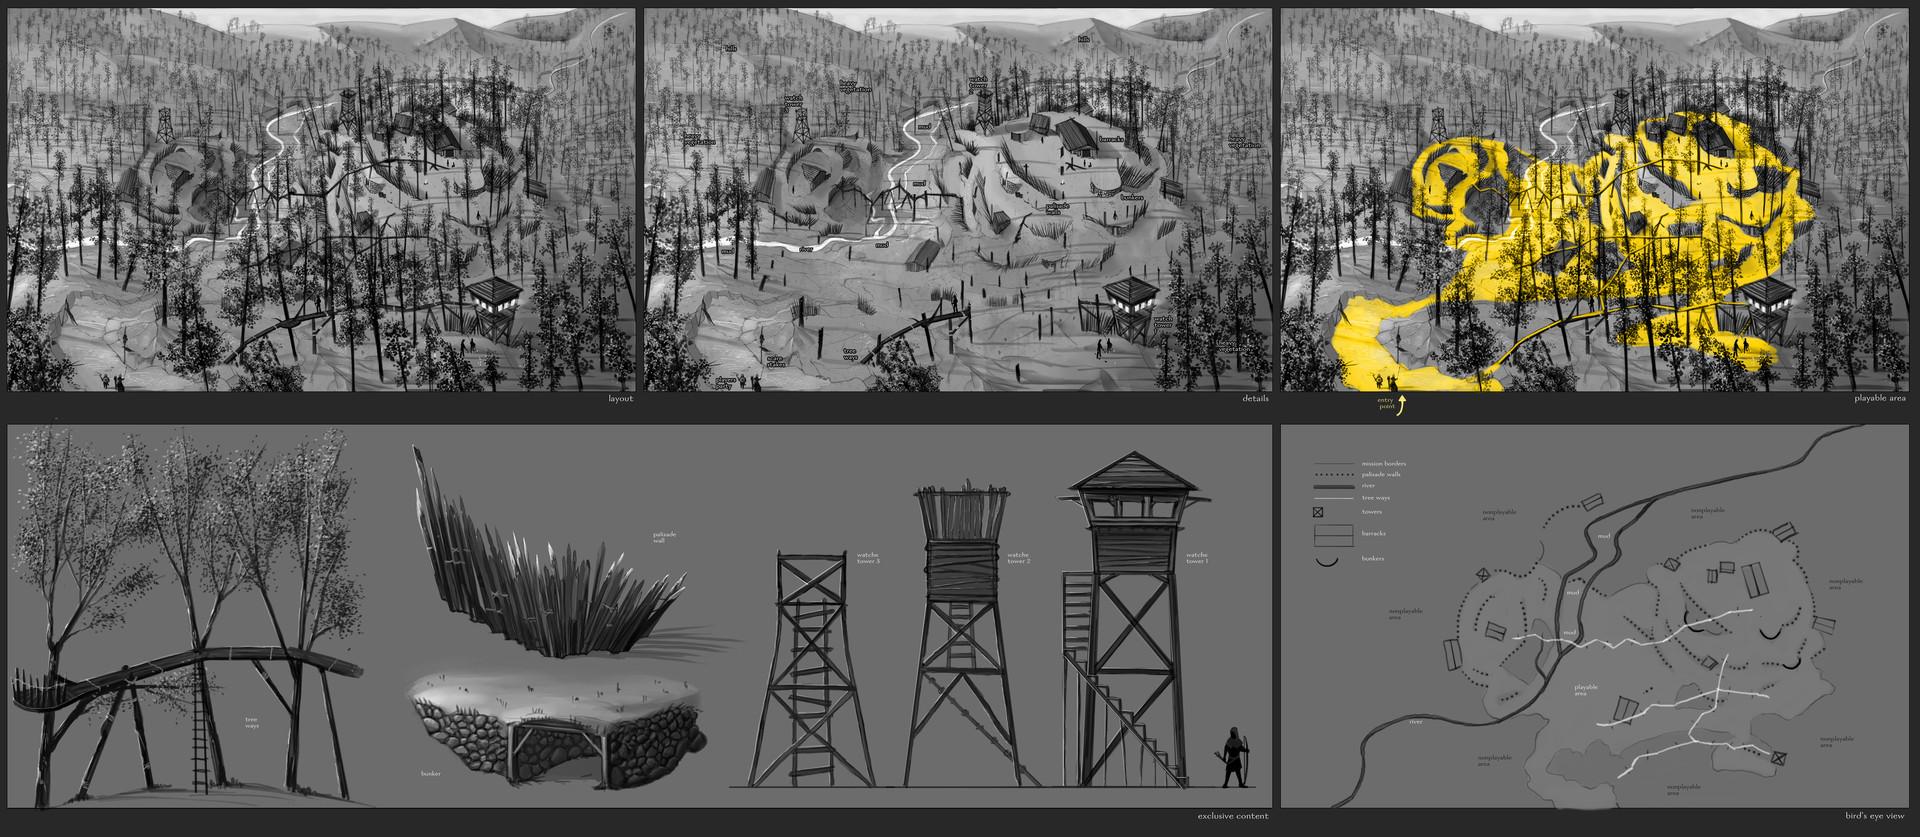 Noticias Express y Mantenimiento del Hype - Página 6 -hideouts-forest-bandits